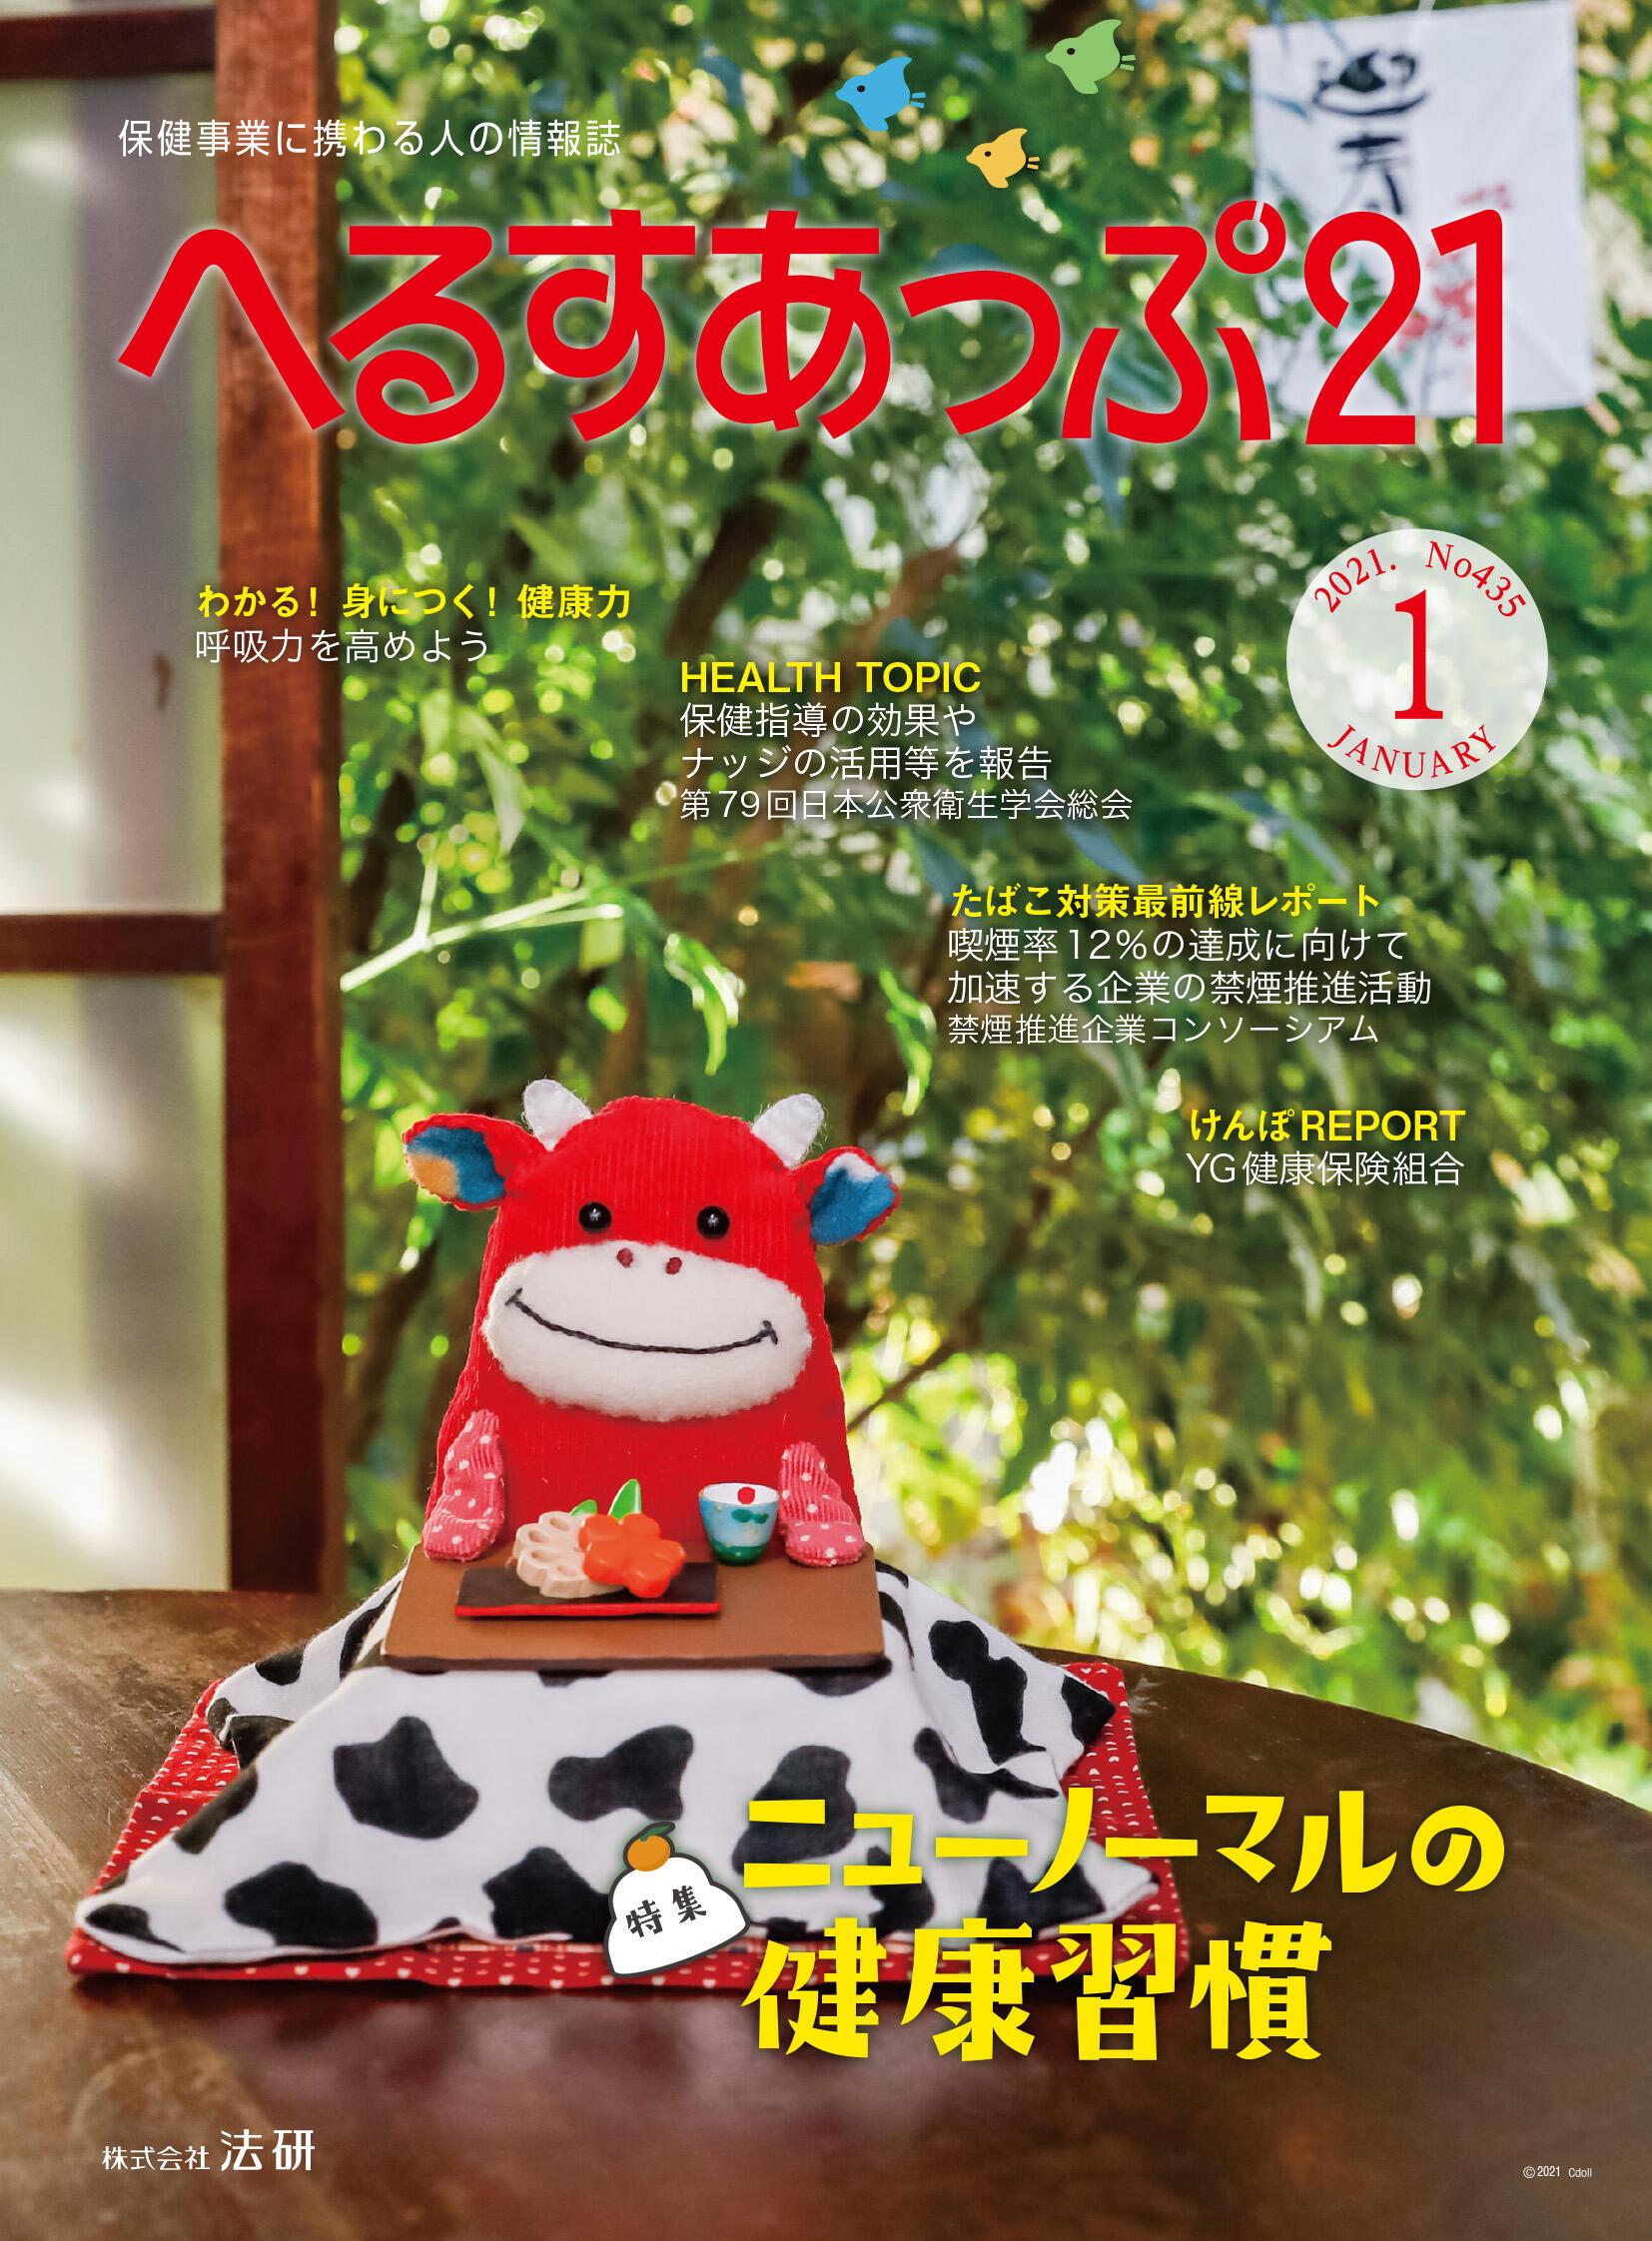 「ニューノーマルの健康習慣」へるすあっぷ21 1月号